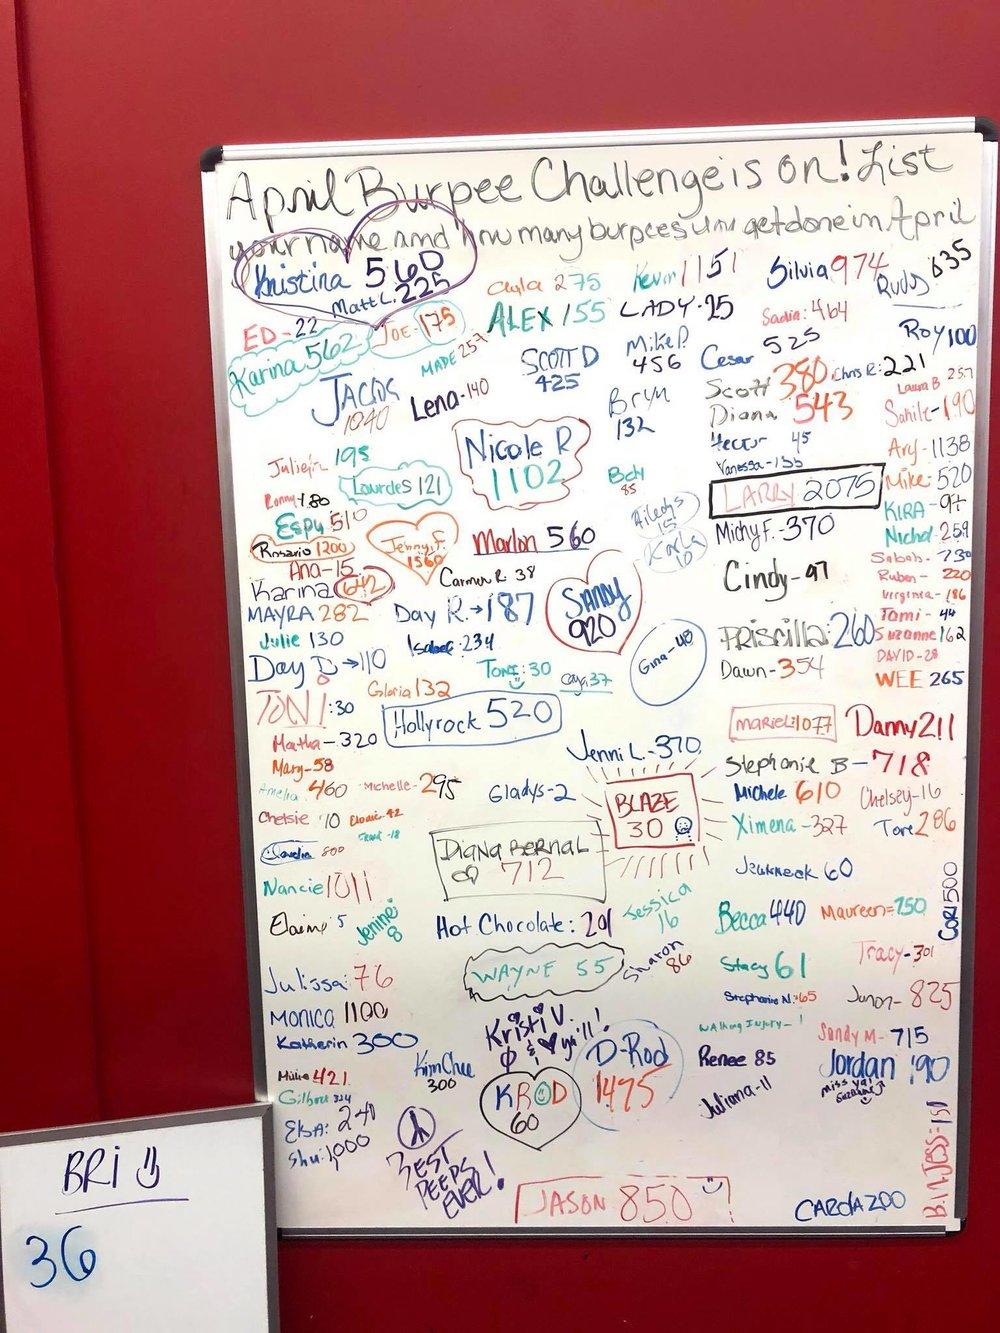 2018 Burpee Finale Board.jpg